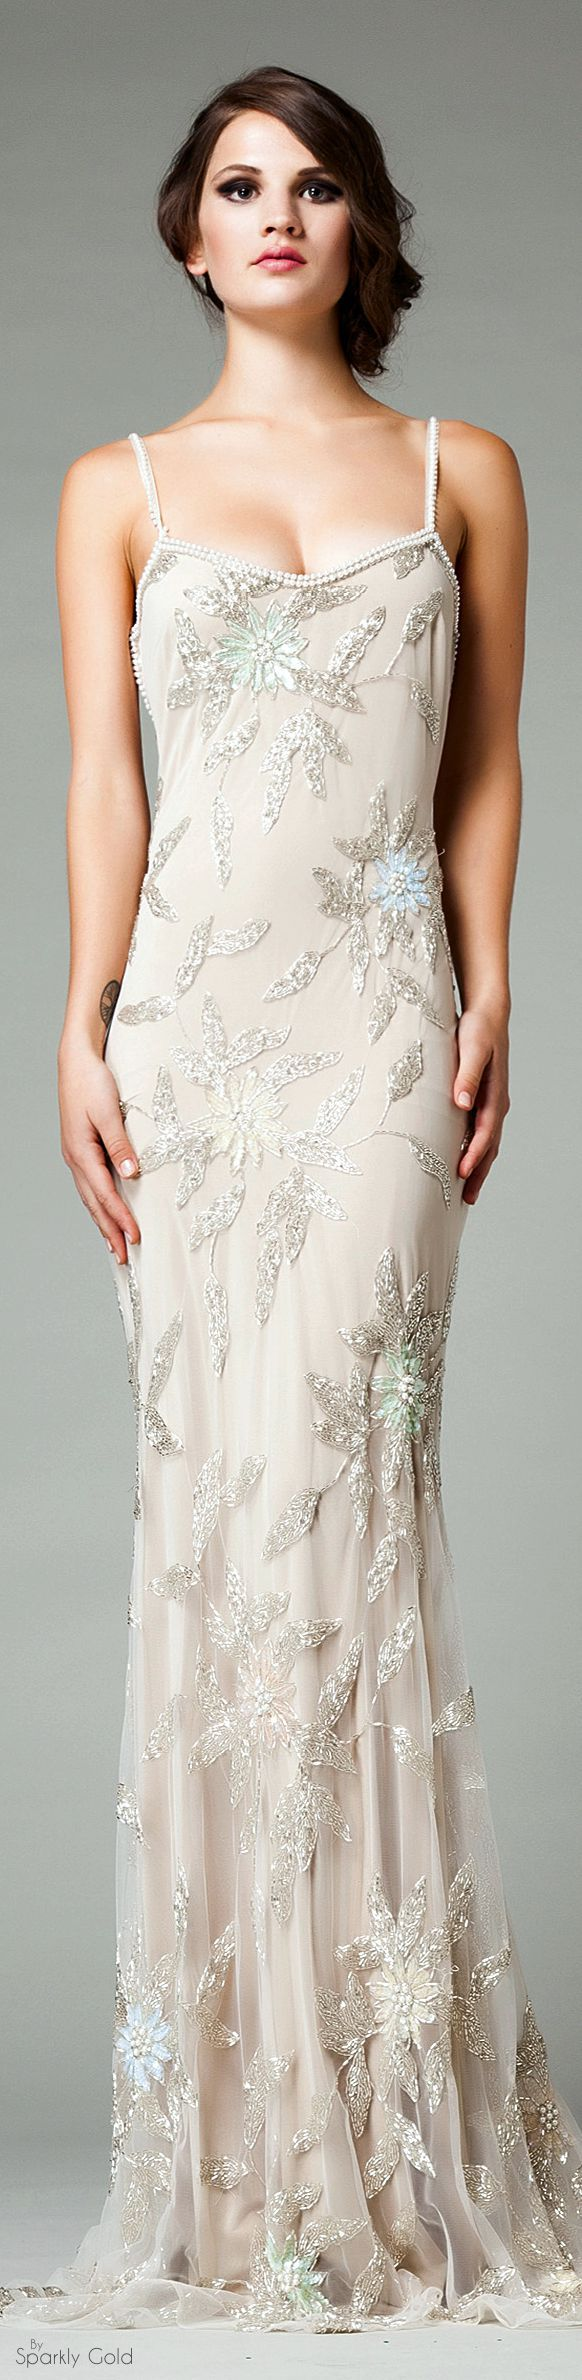 1677 besten Fashion Bilder auf Pinterest | Abendkleid, Blaue mode ...